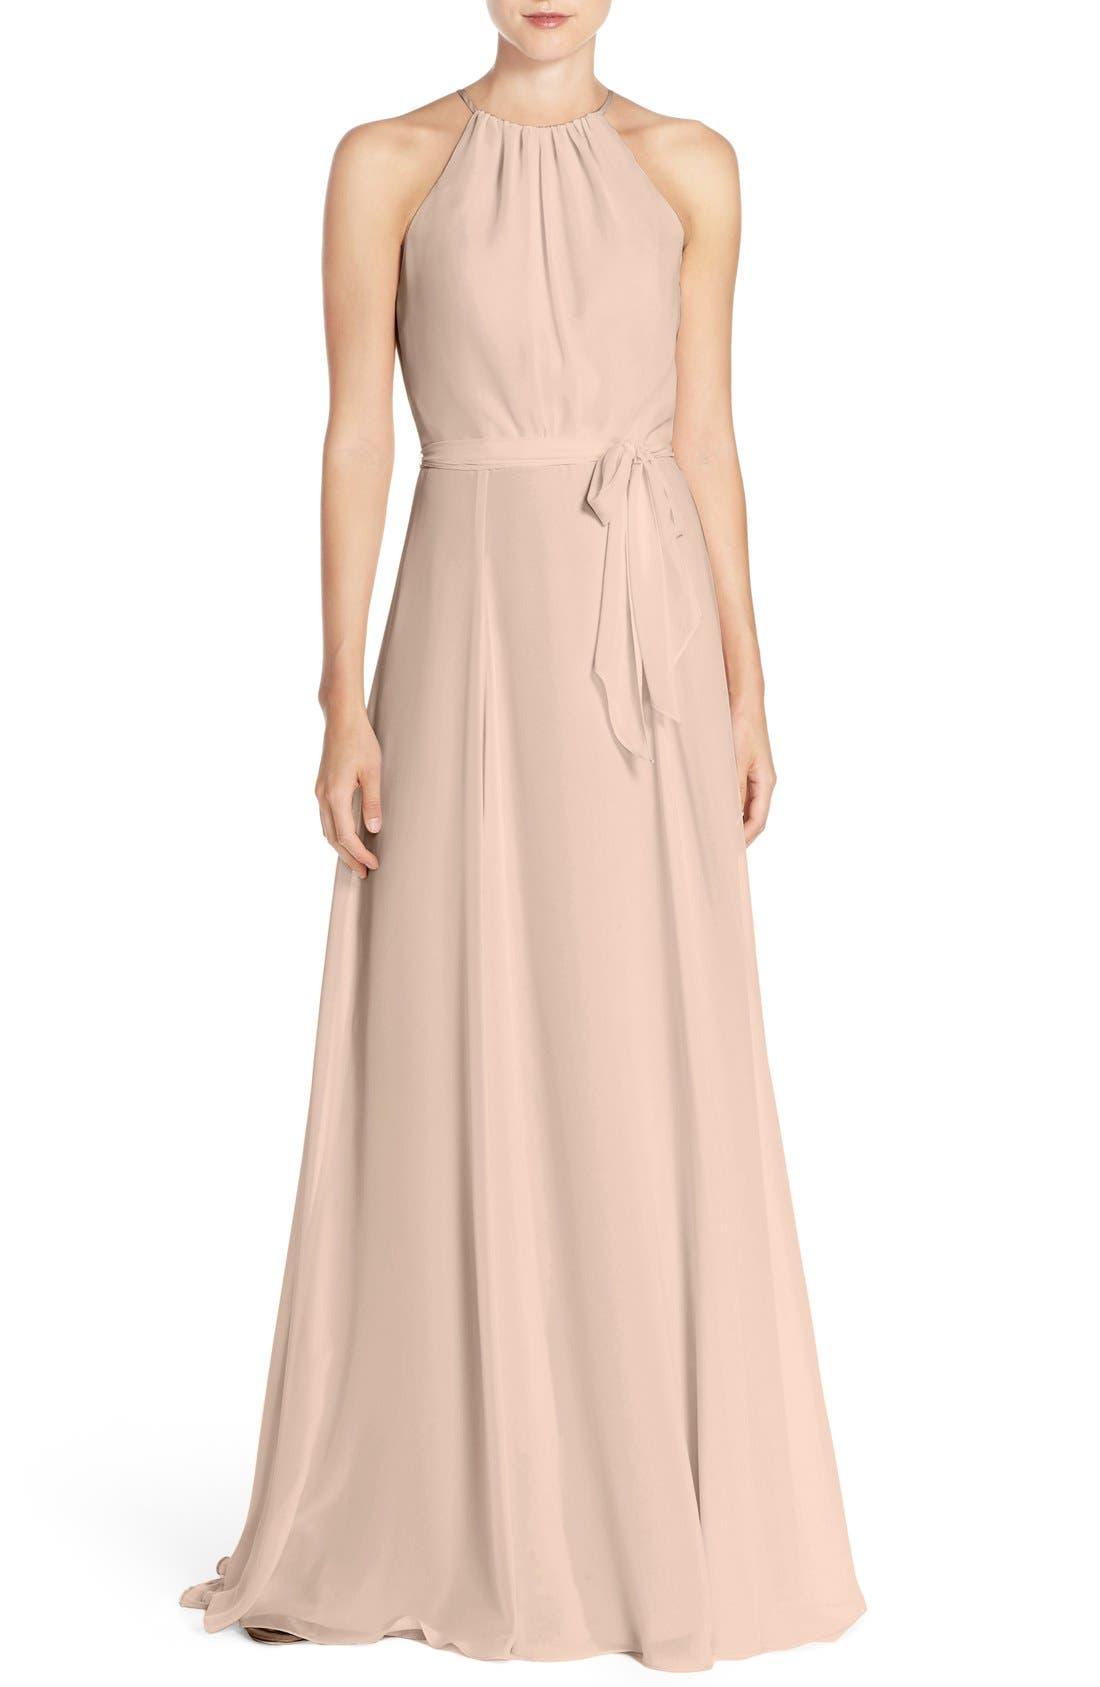 'Delaney' Belted A-Line Chiffon Halter Dress,                         Main,                         color,